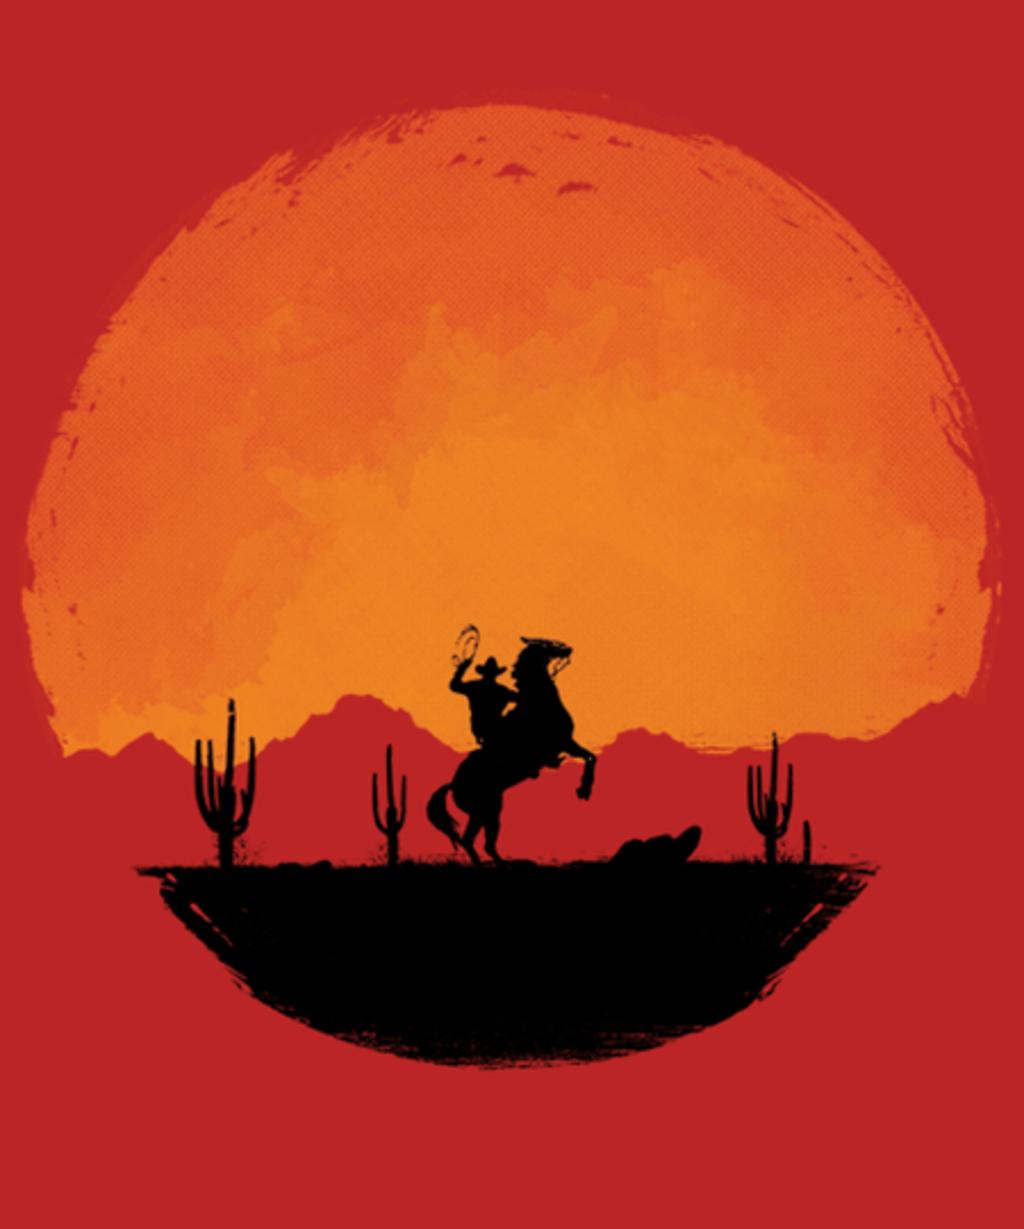 Qwertee: Western Redemption